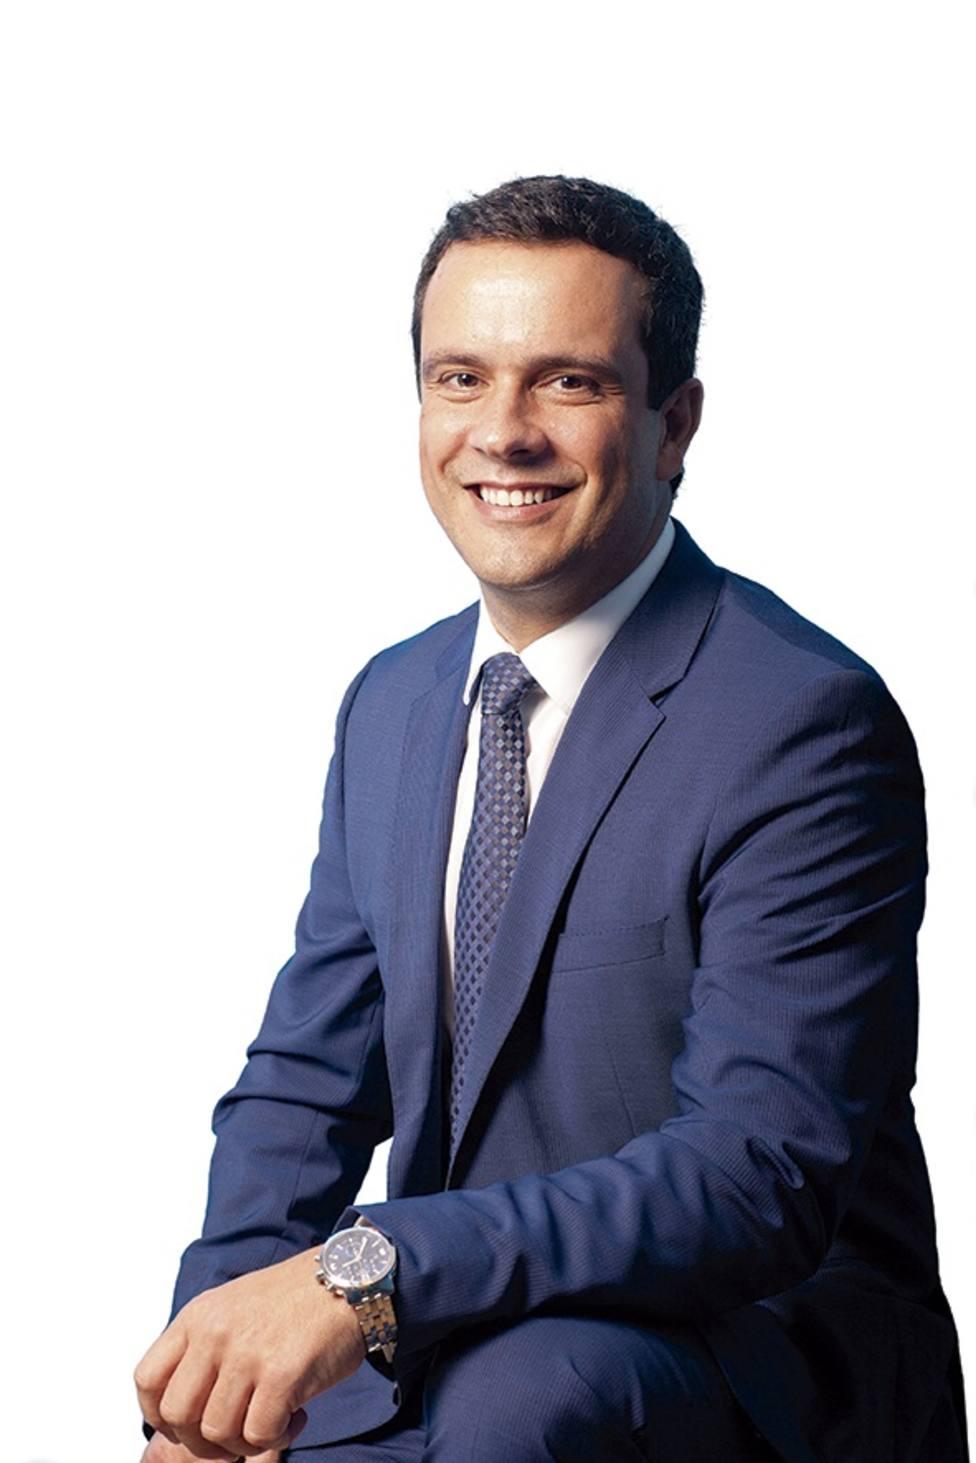 Atento nombra a José Antonio de Souza Azevedo director financiero